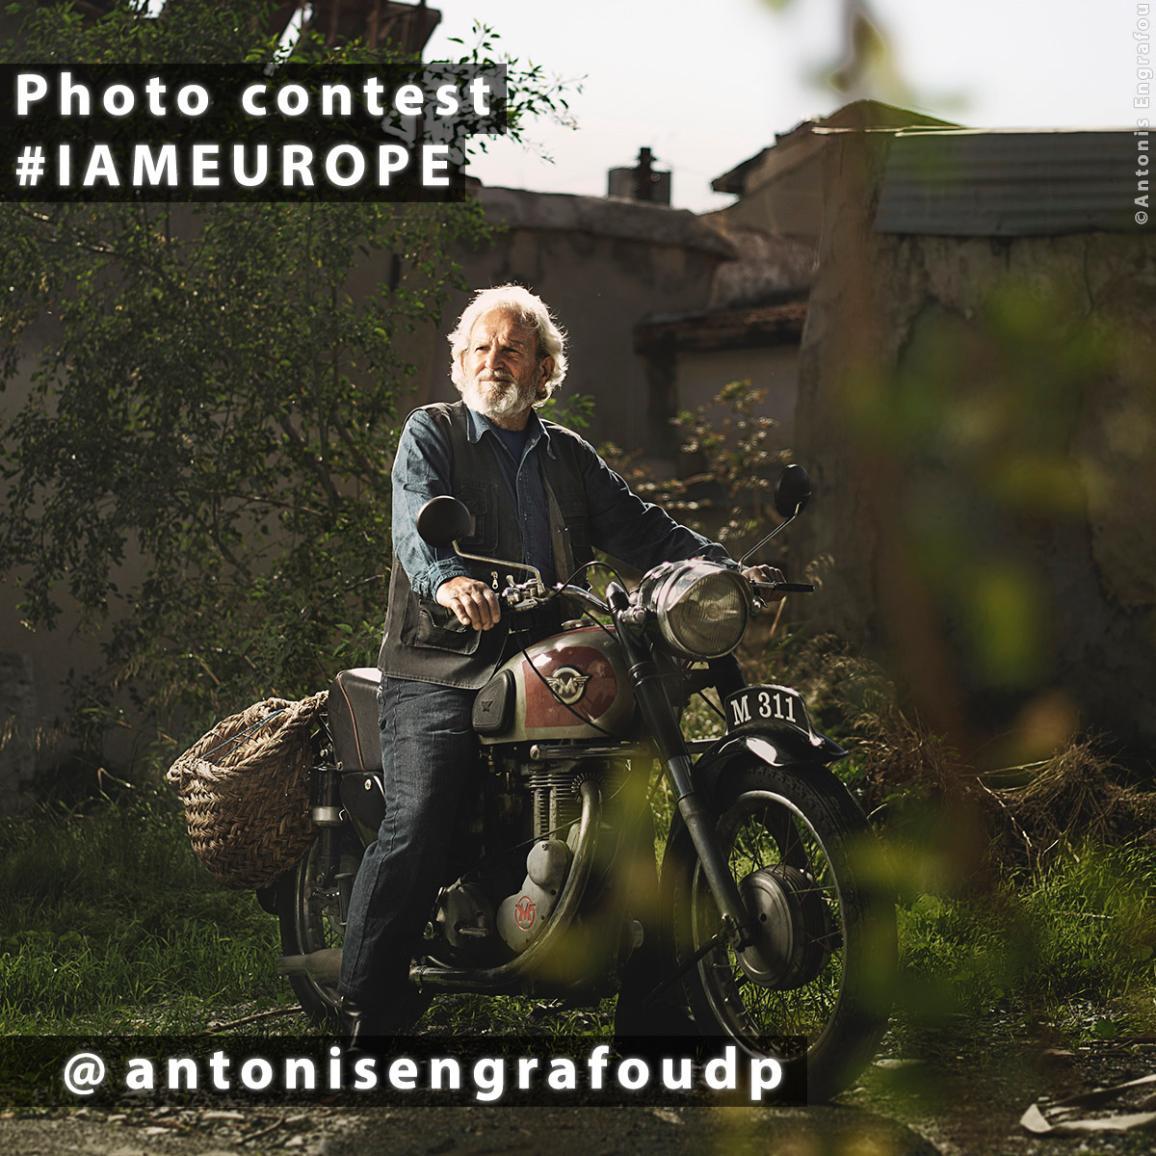 Foto: Muchas gracias al fotógrafo chipriota, Antonis Engrafou (instagram @antonisengrafoudp) por dar su testimonio en el concurso.